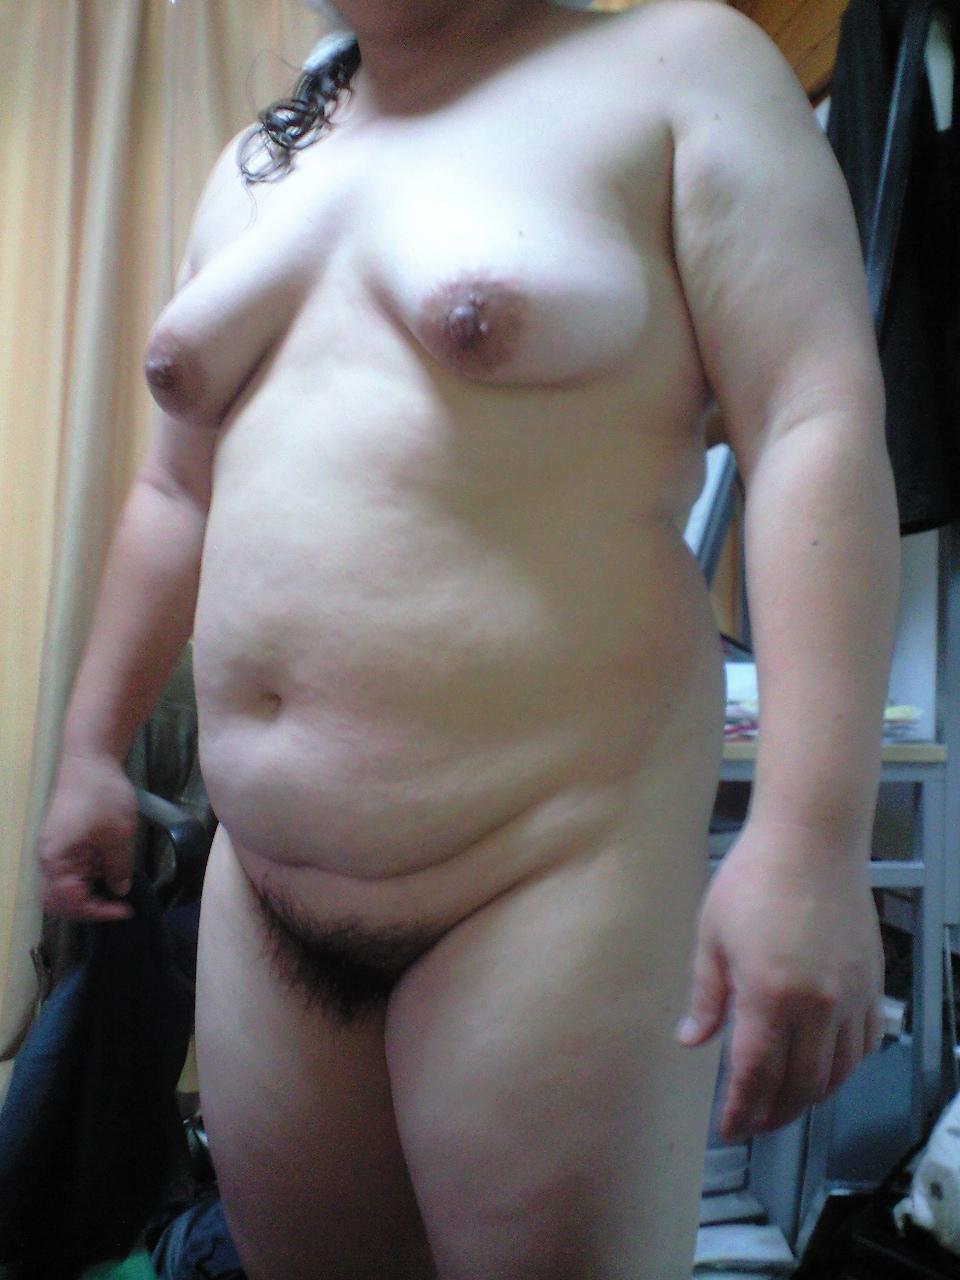 【家庭内盗撮エロ画像】これぞおばちゃん!!だらしなく肥えた肉体…素人熟女のリアルなおばさん体型が生々しい家庭内盗撮画像 その4